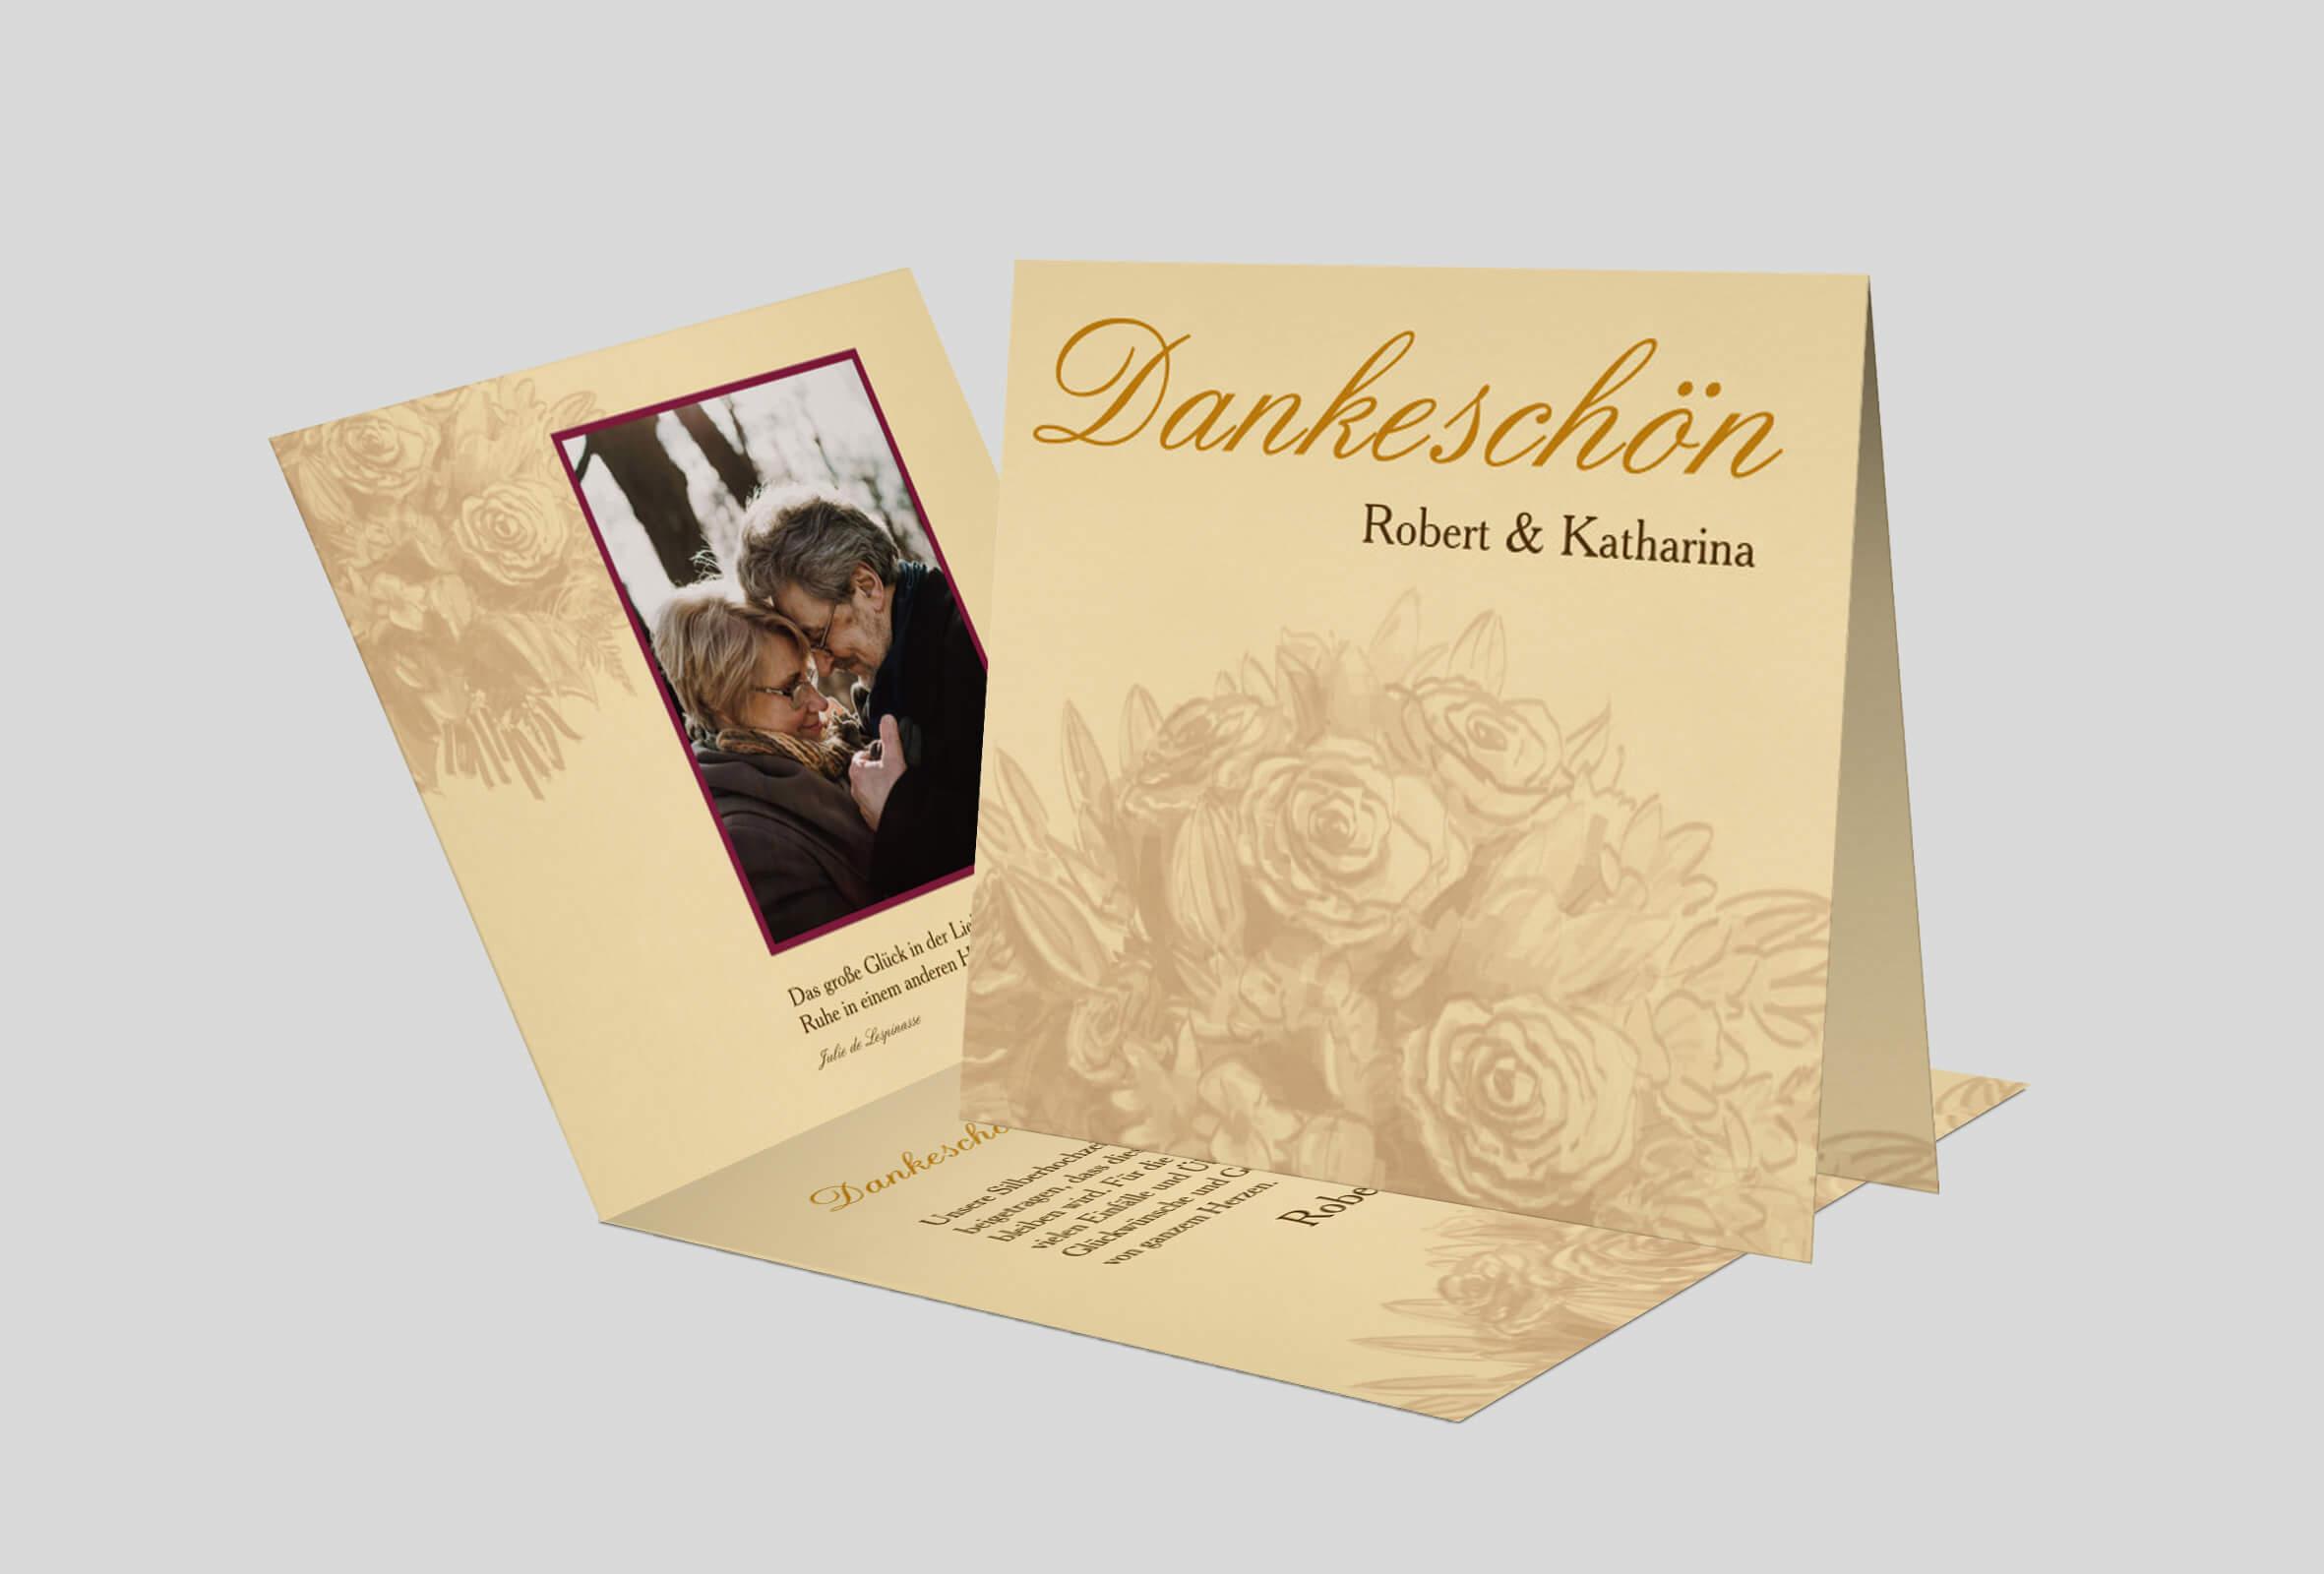 Dankeskarte Silberhochzeit Rosenstrauss Zeichnung